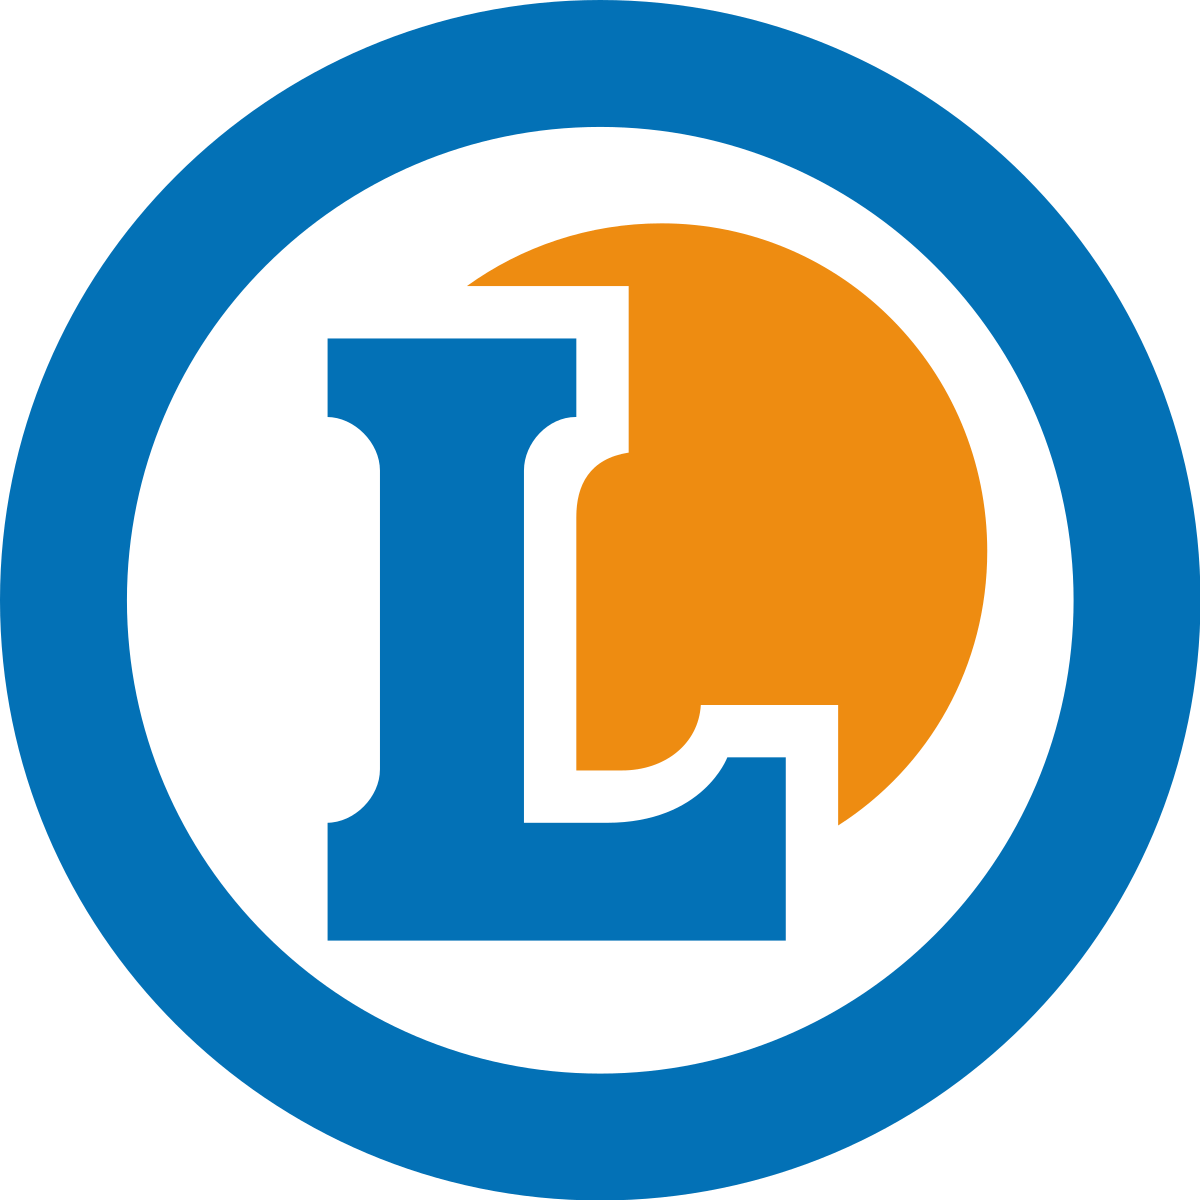 couleurs complémentaires bleu et orangee logo leclerc